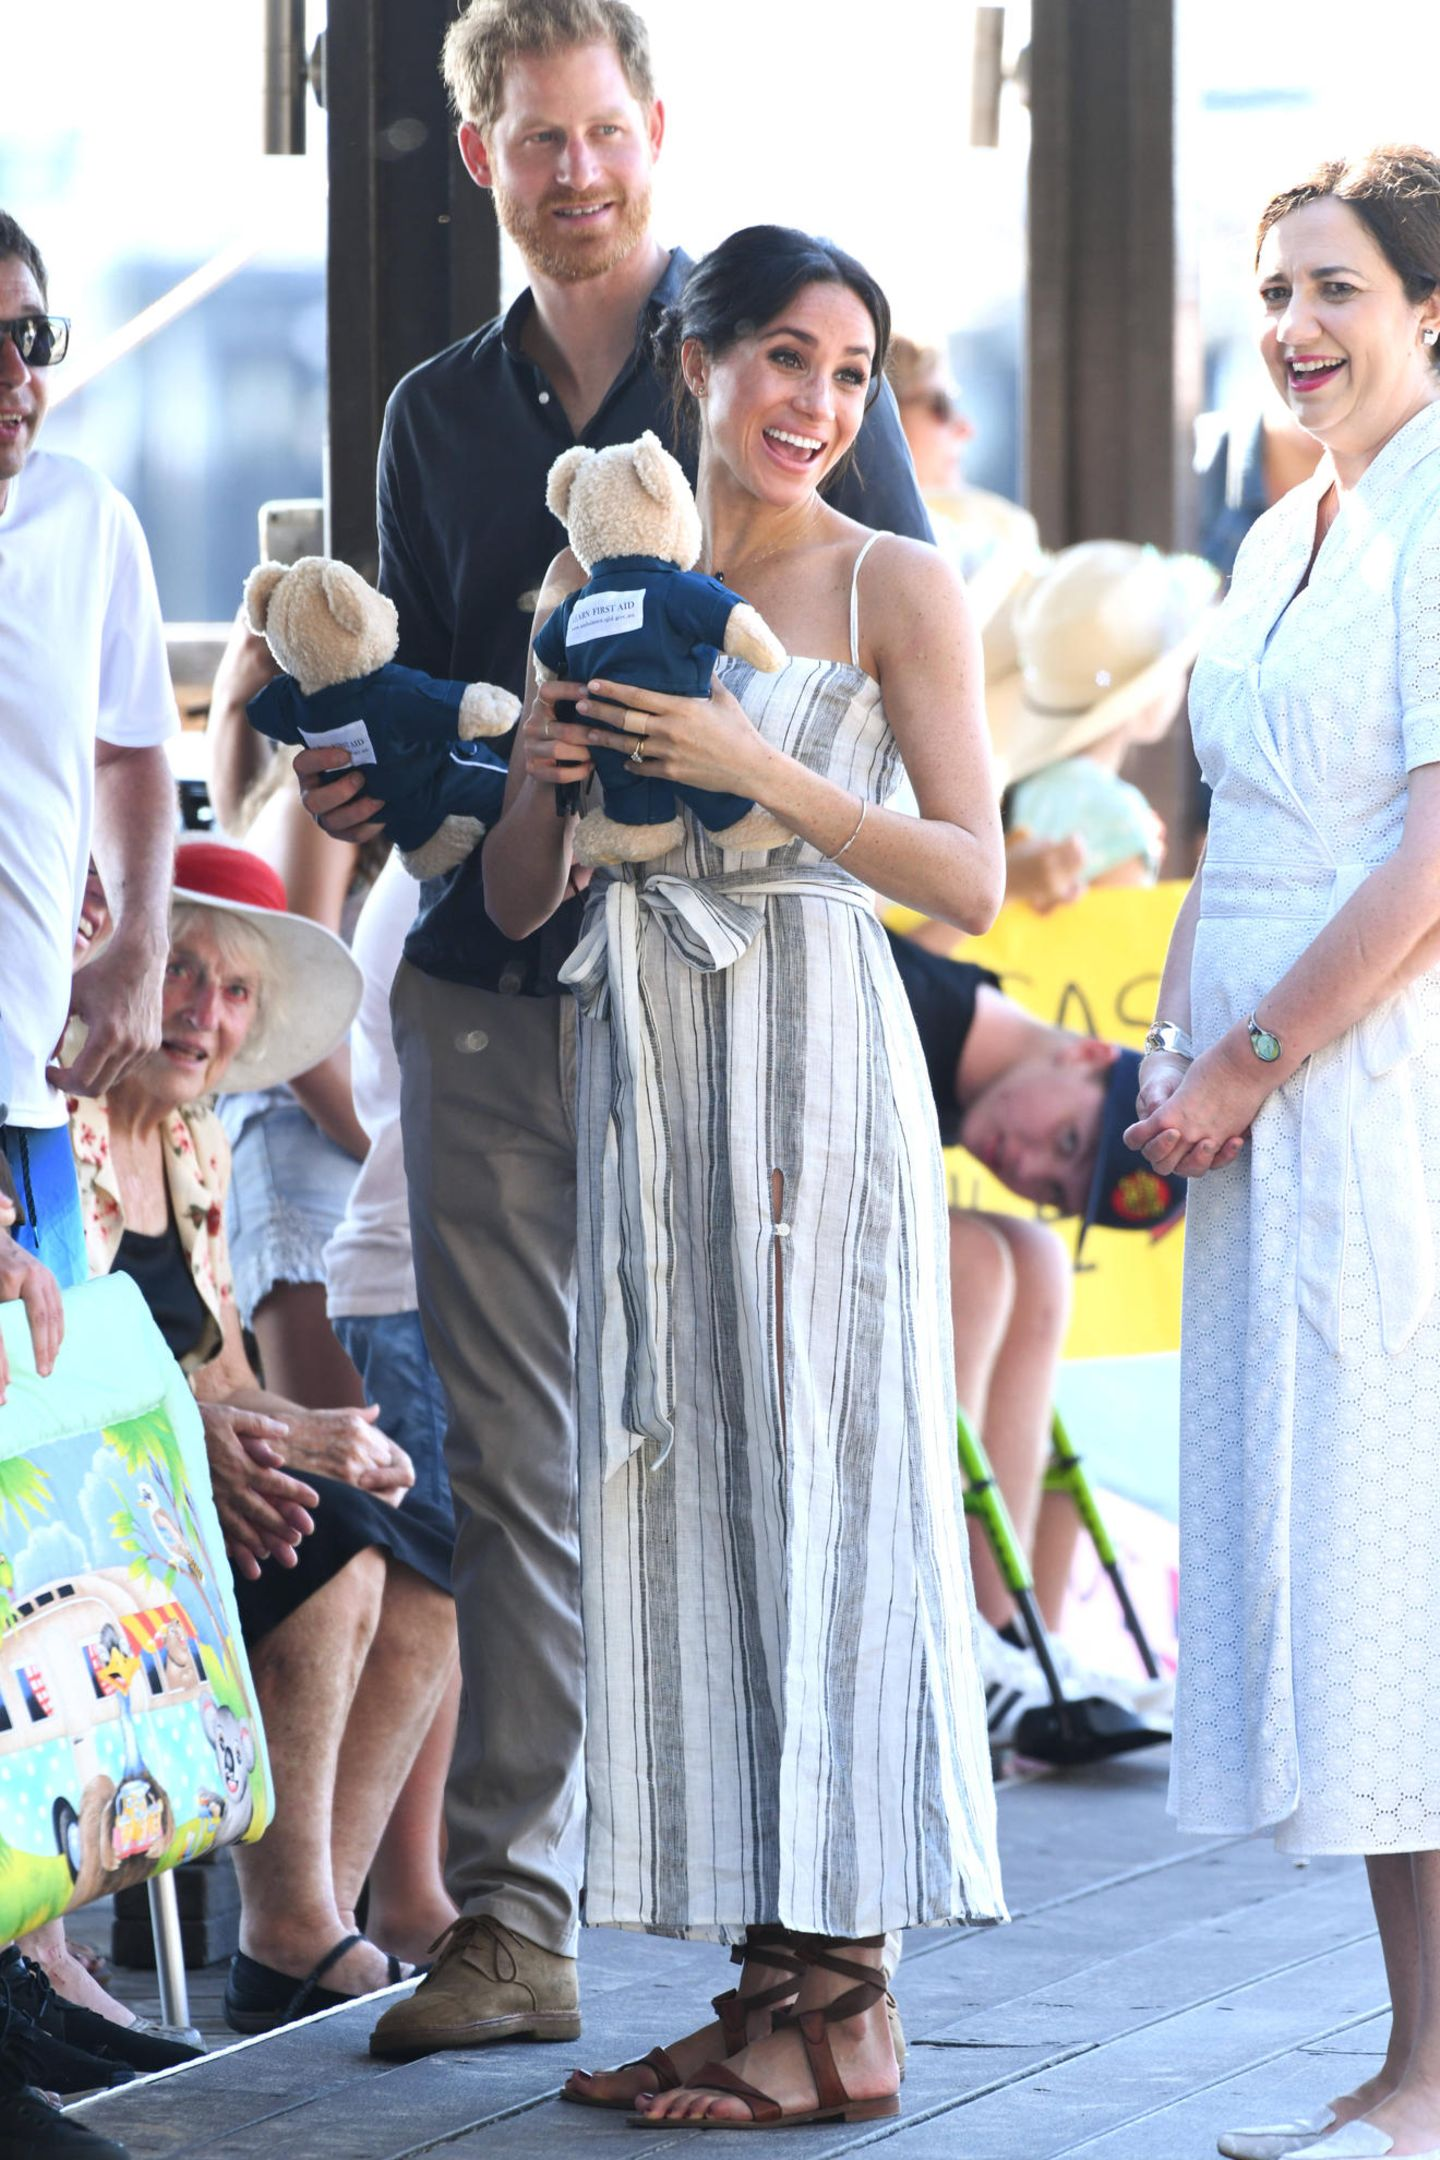 Tag 7  Herzogin Meghan ist ganz verzückt über den herzlichen Empfang auf der Insel Fraser. Ein hat hat dem royalen Pärchen zwei Teddysgeschenkt.